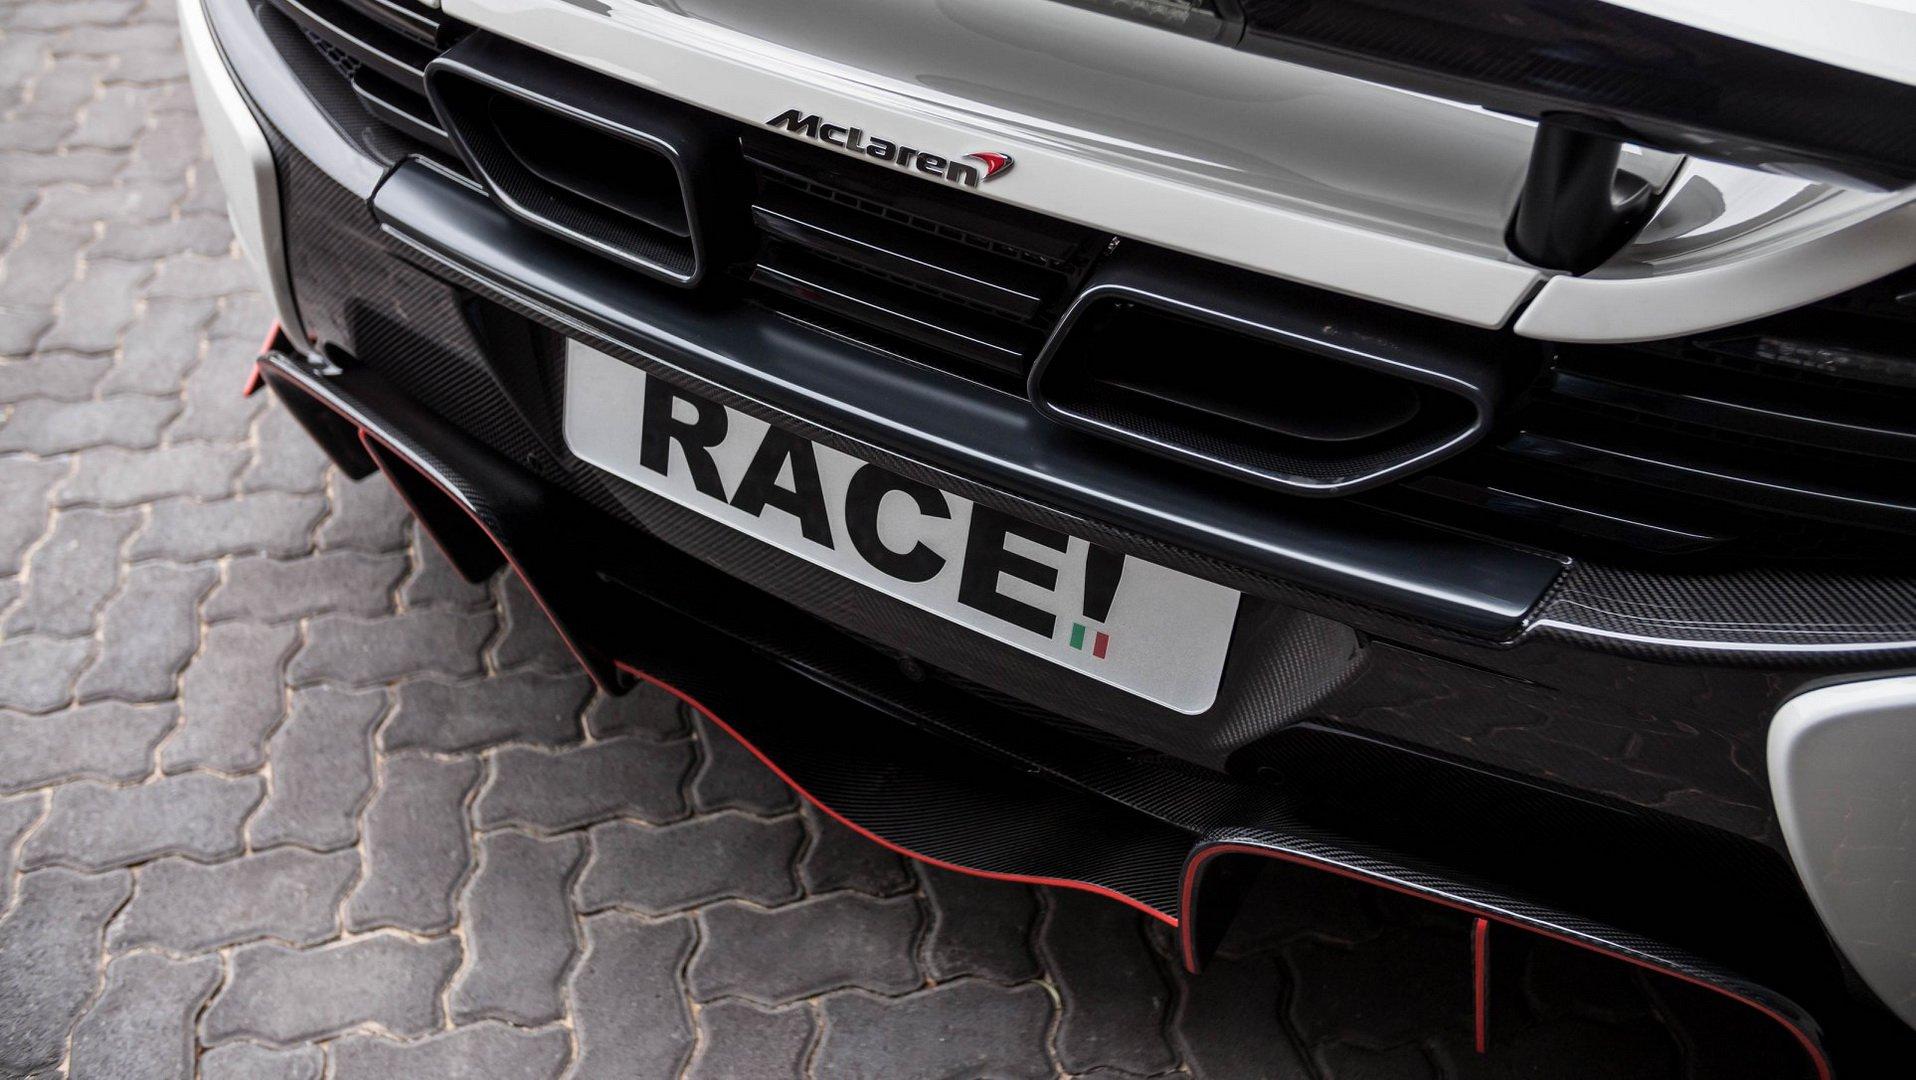 McLaren 650S Spider by Race (3)